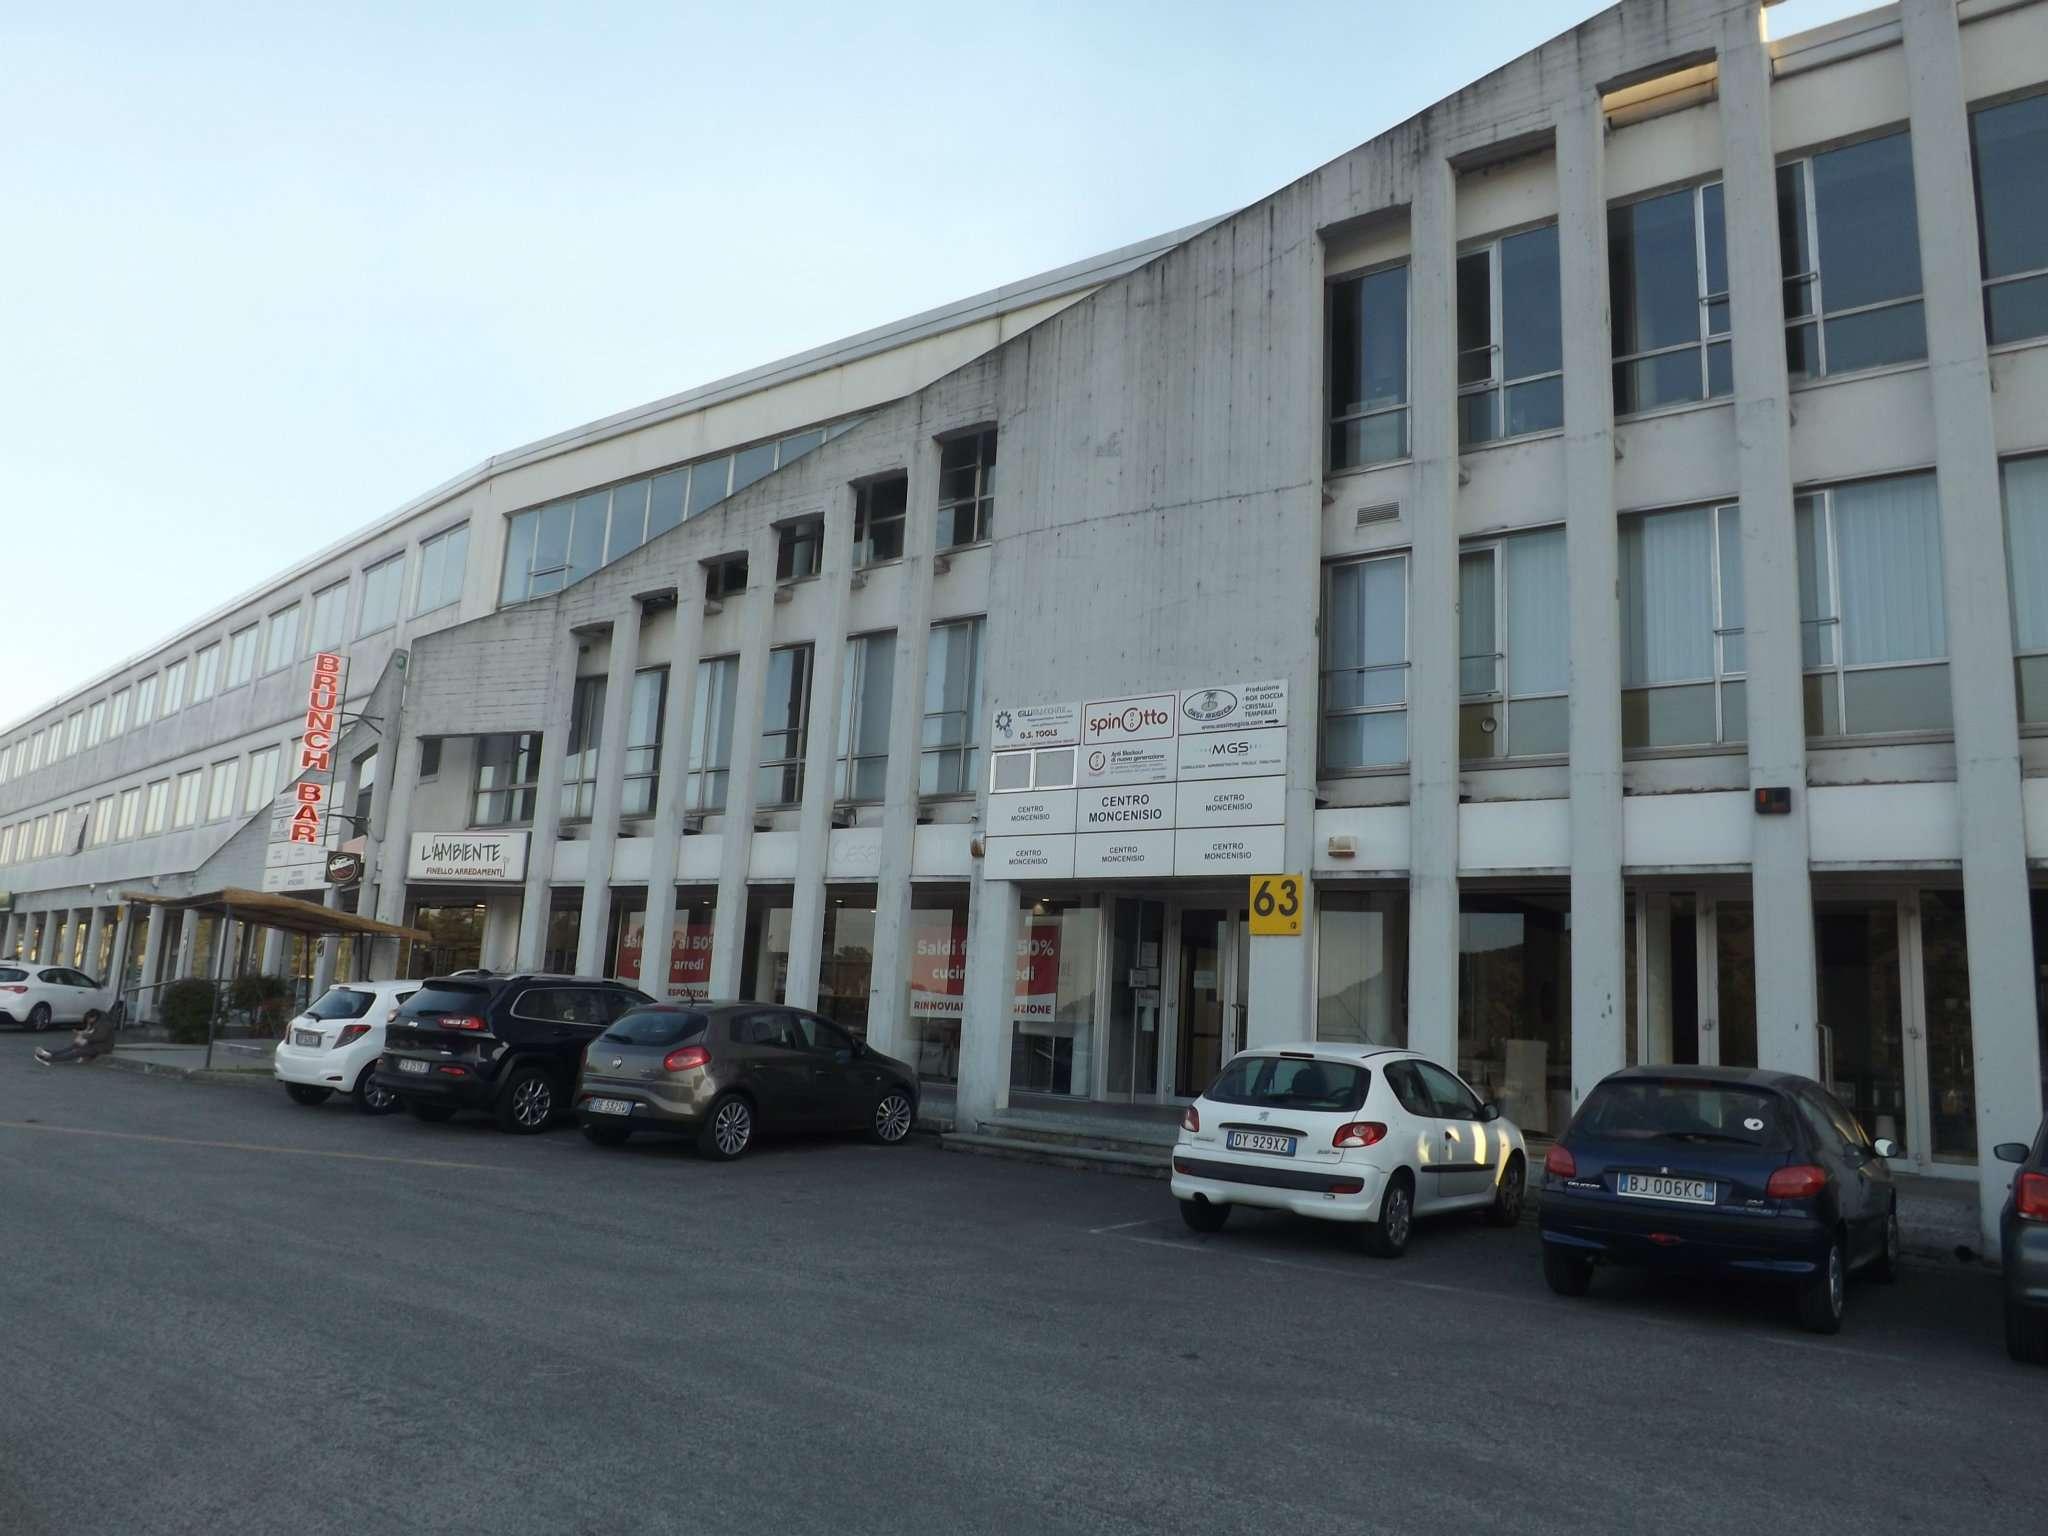 Ufficio in affitto corso corso moncenisio 63 Rosta